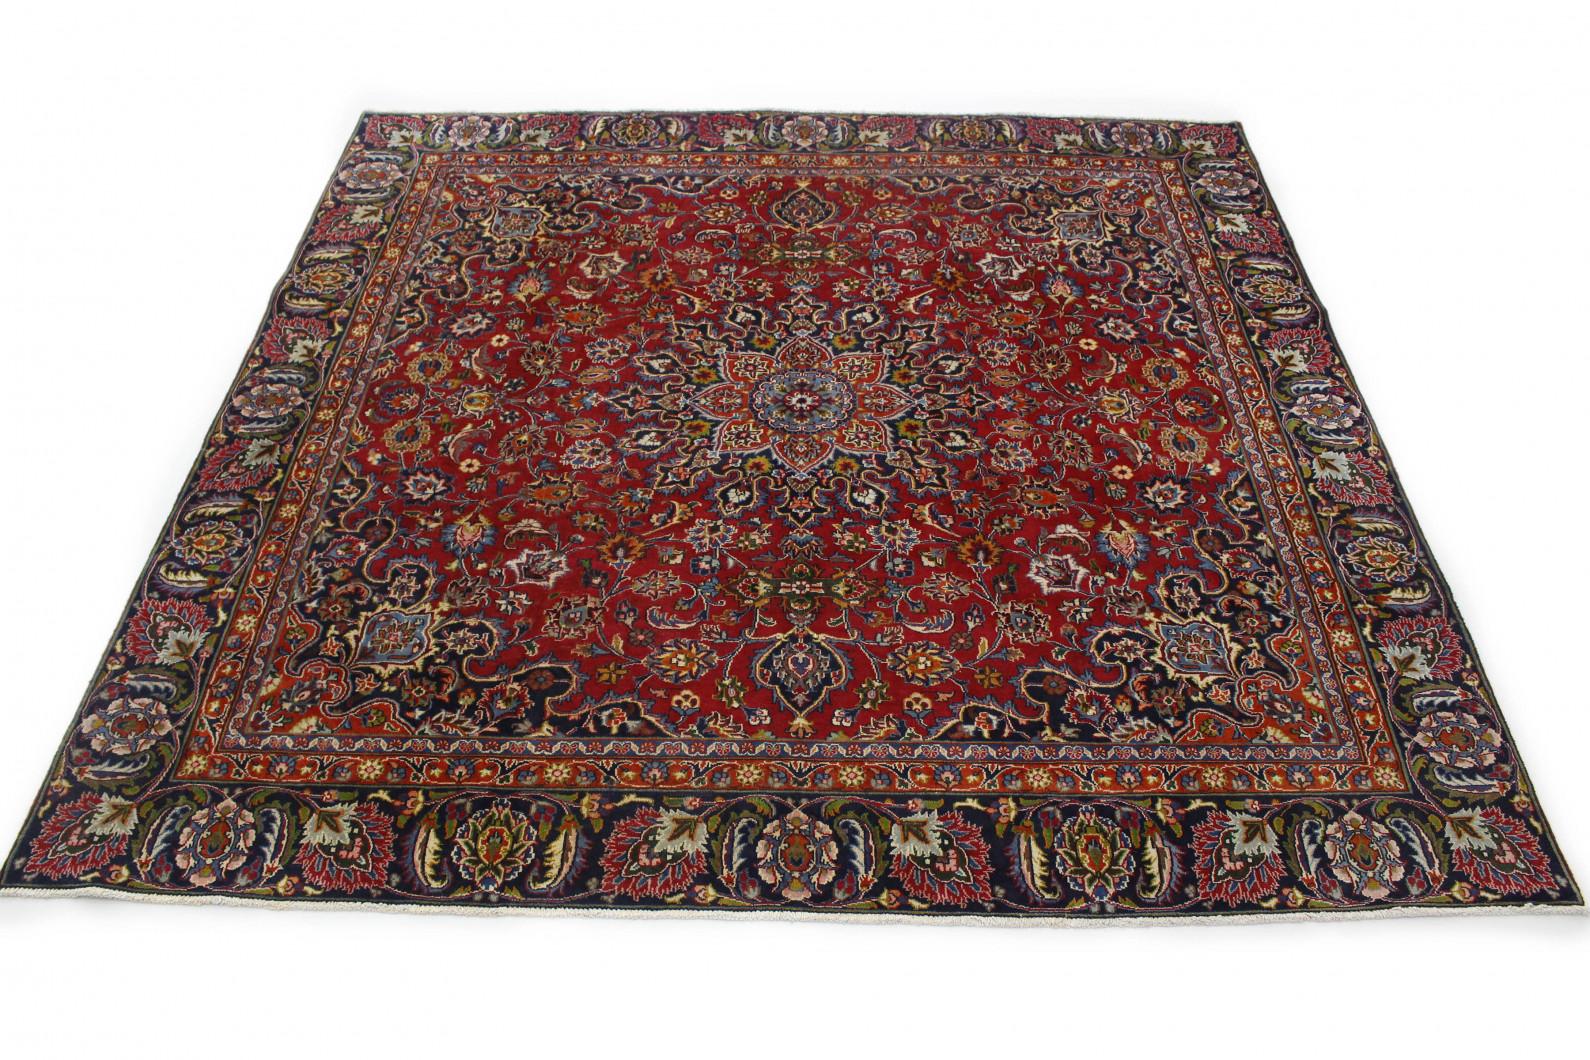 Klassischer Vintage-Teppich Mashad in 260x270 (1 / 8)